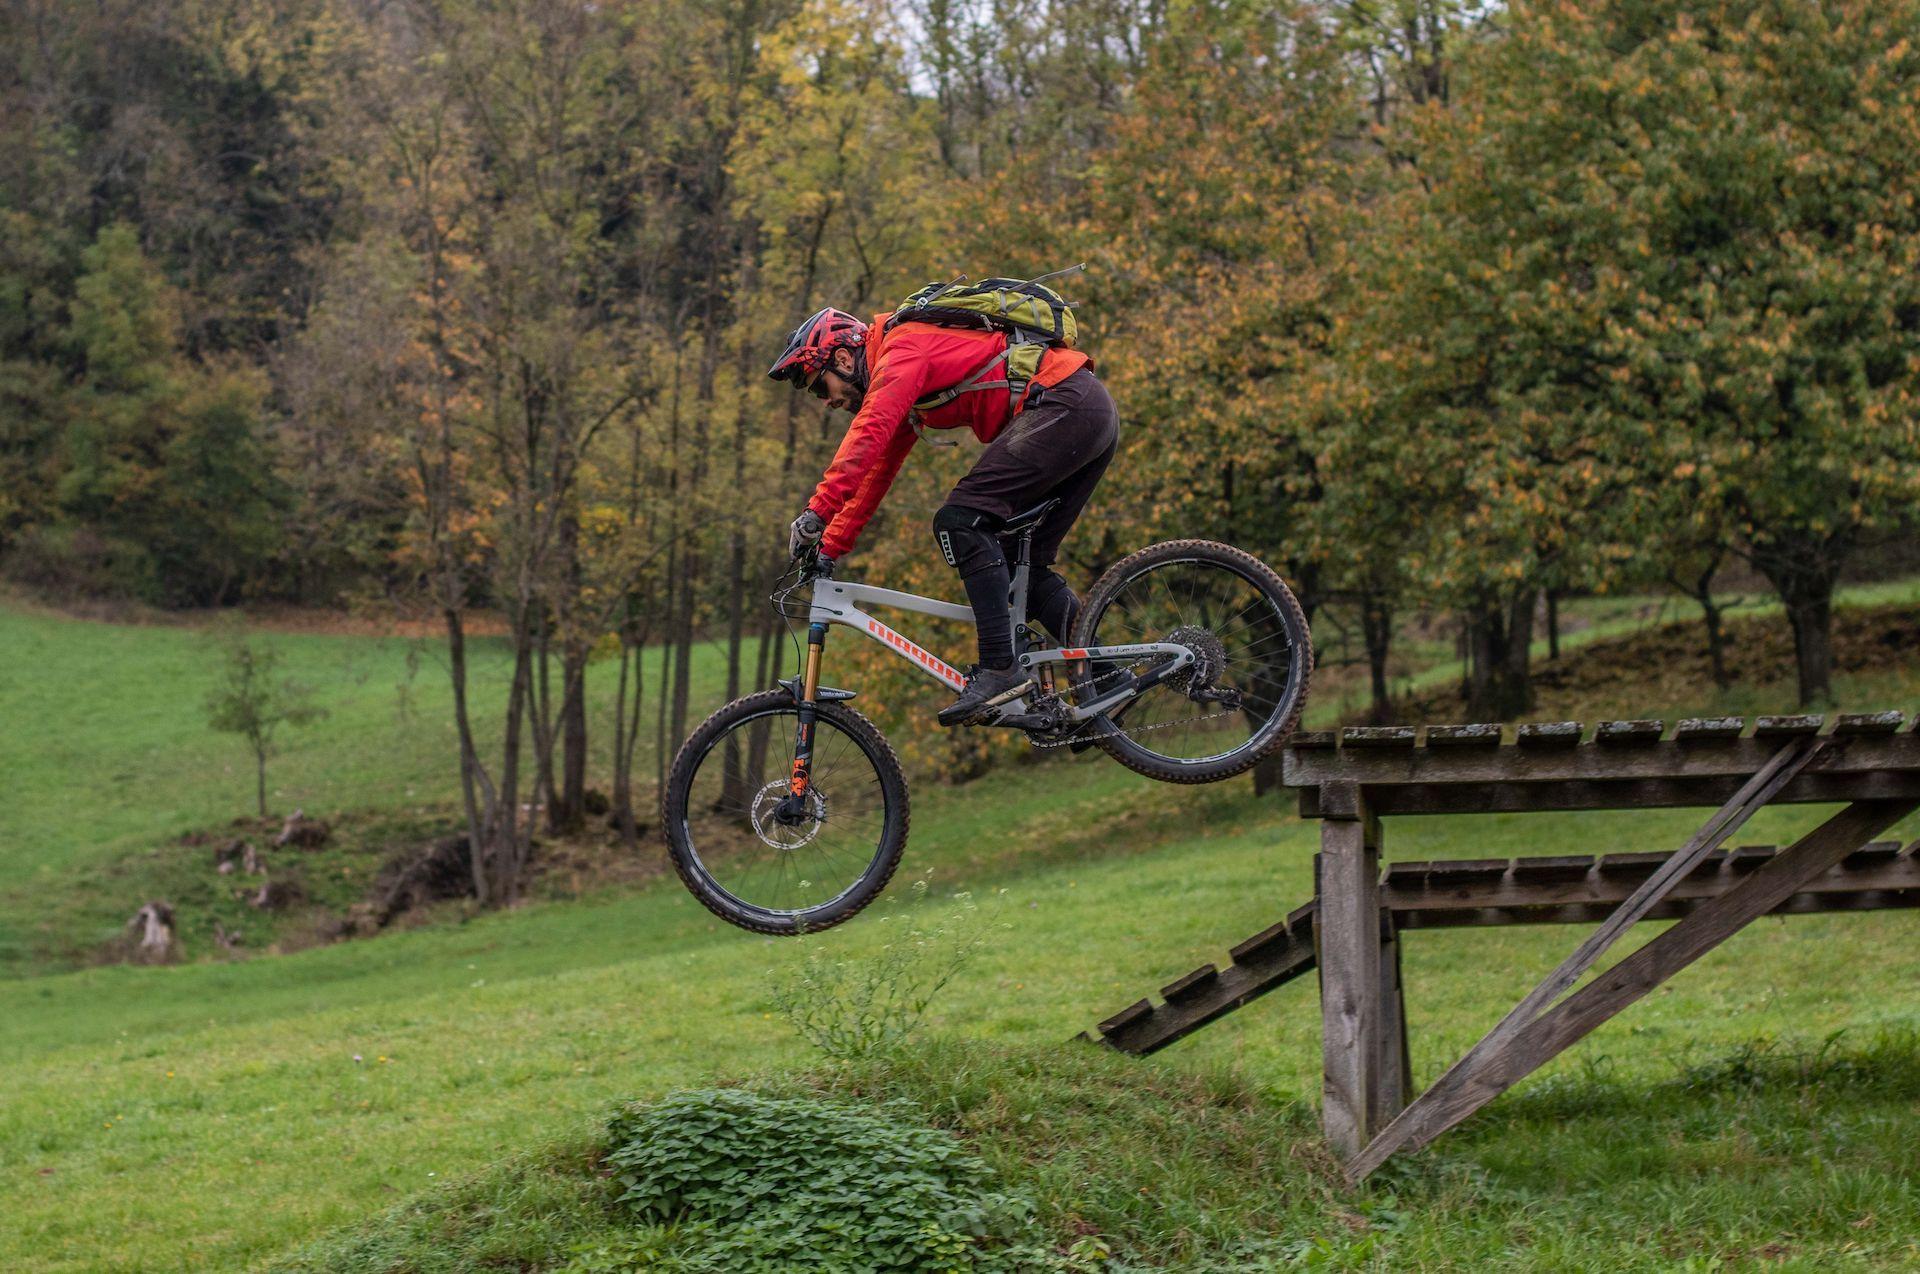 MTB Fahrtechnik Kurse im Bikepark Osternohe im Nürnberger Land - Bike Training mit Rock my Trail Bikeschule -1